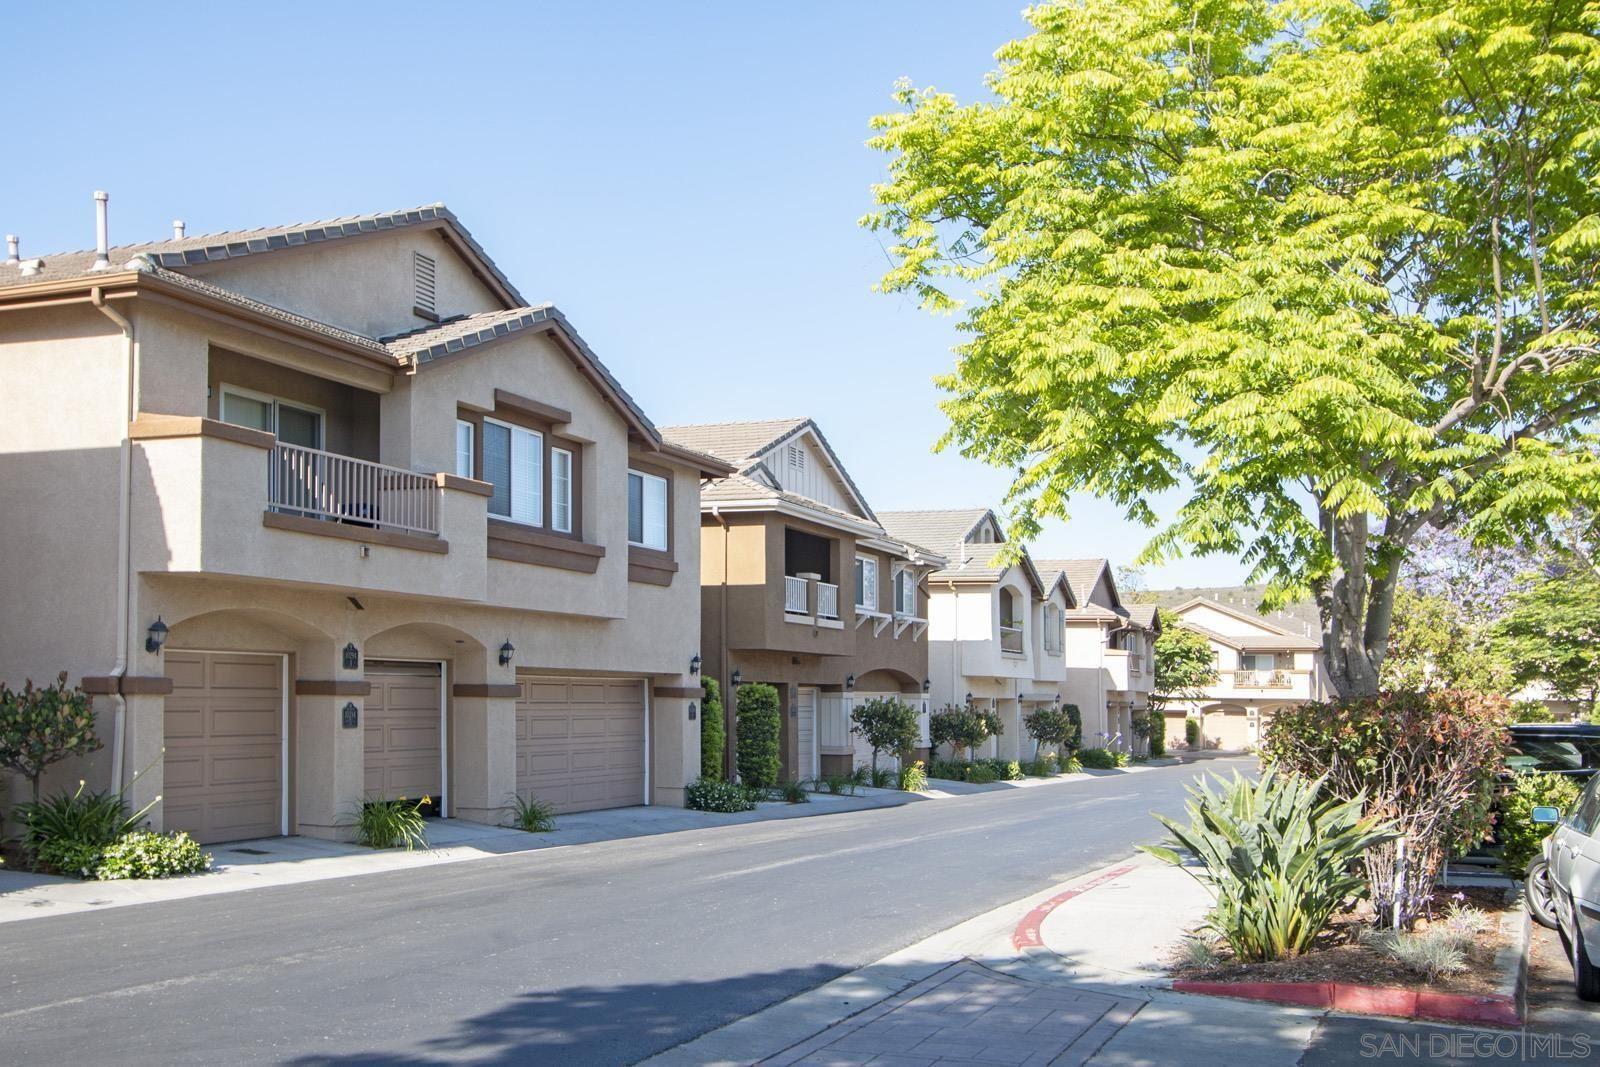 Photo of 10294 Scripps Poway Pkwy #Unit 6, San Diego, CA 92131 (MLS # 210016332)